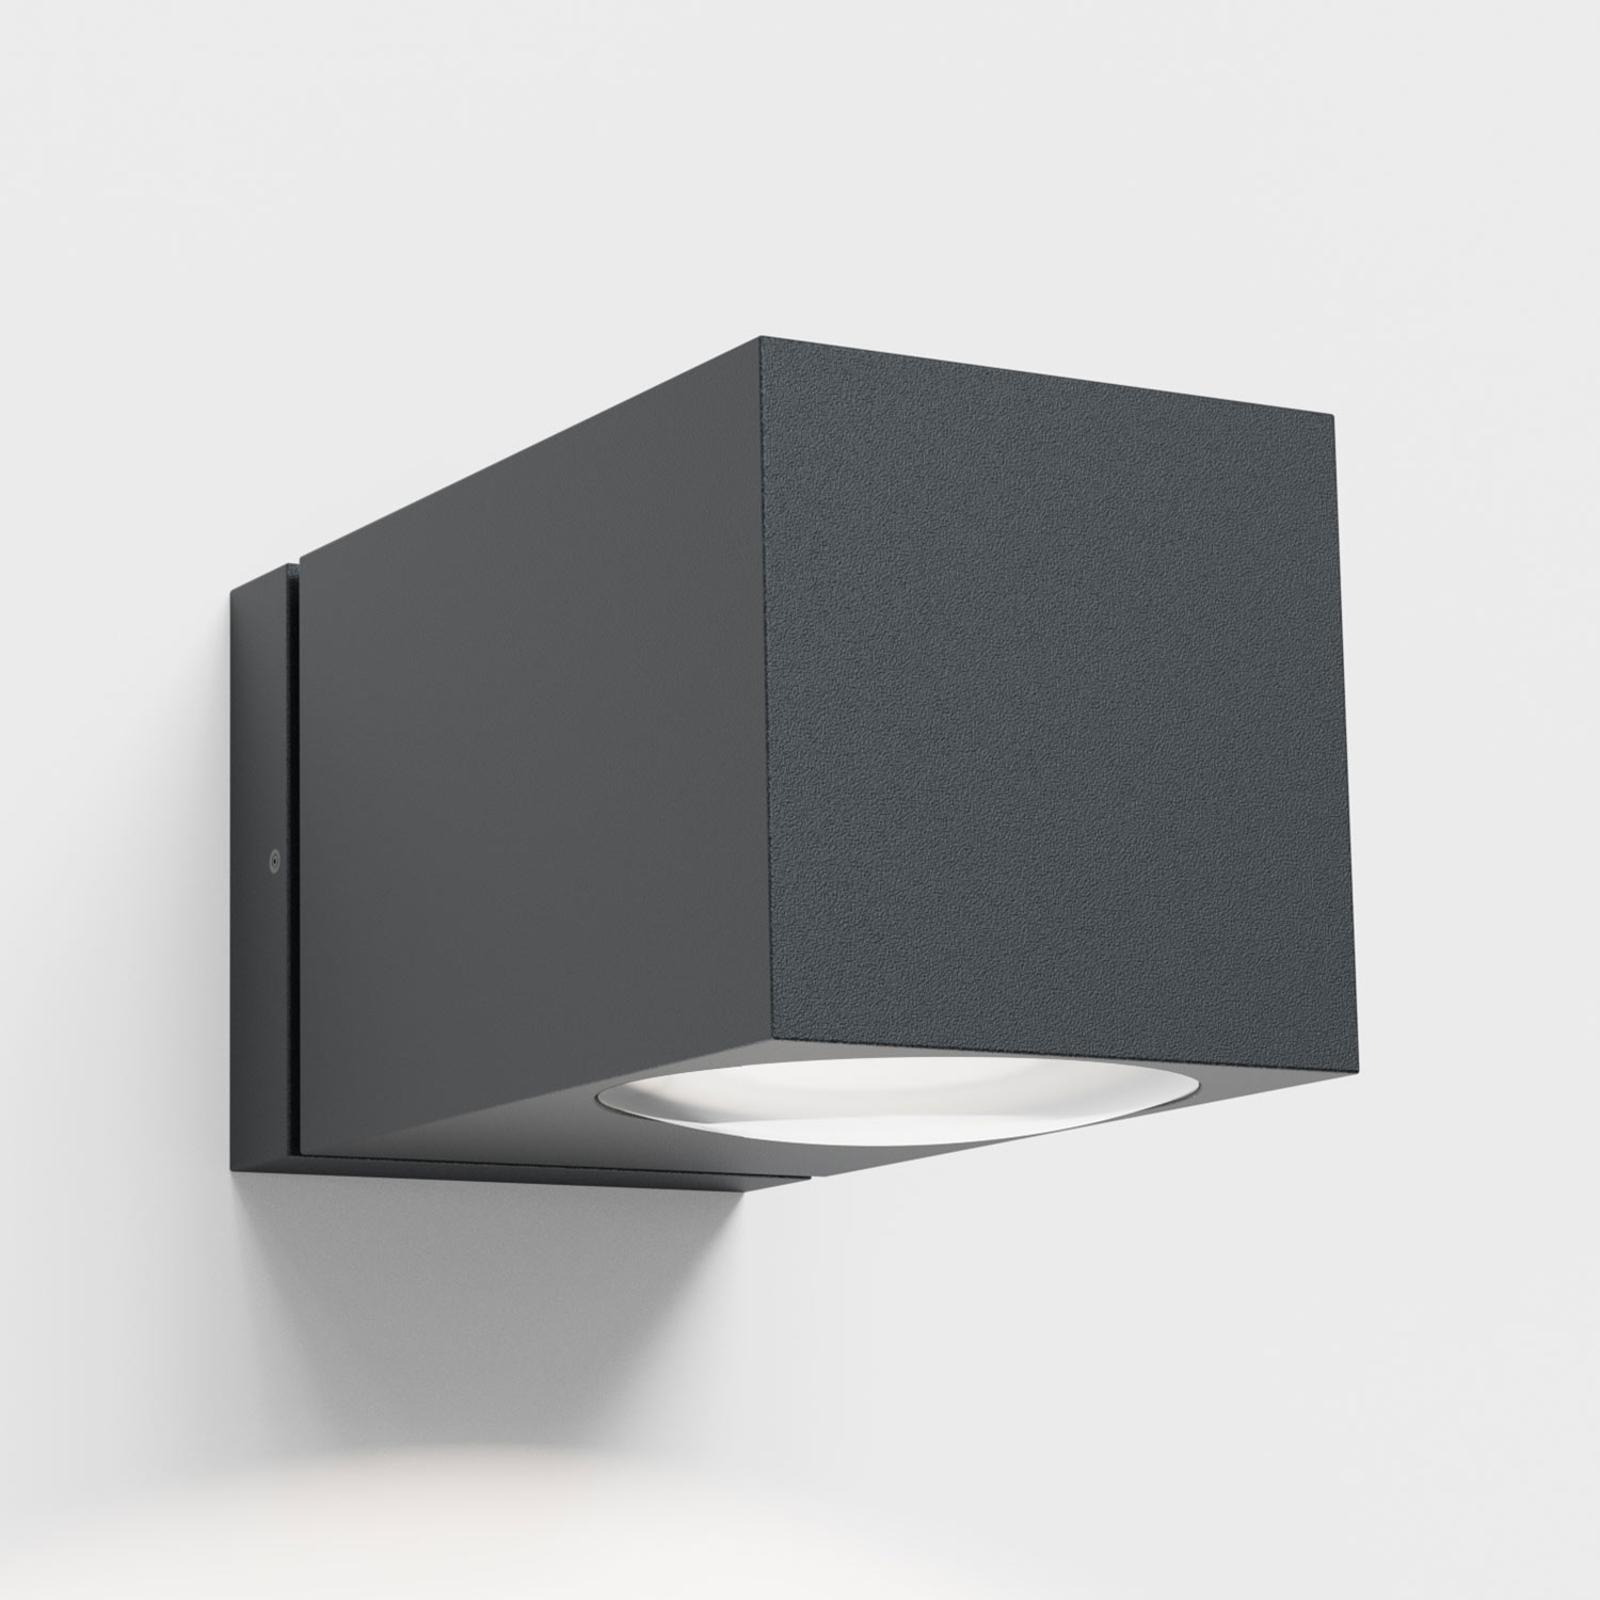 Ip44.de como down LED buitenwandlamp, antraciet